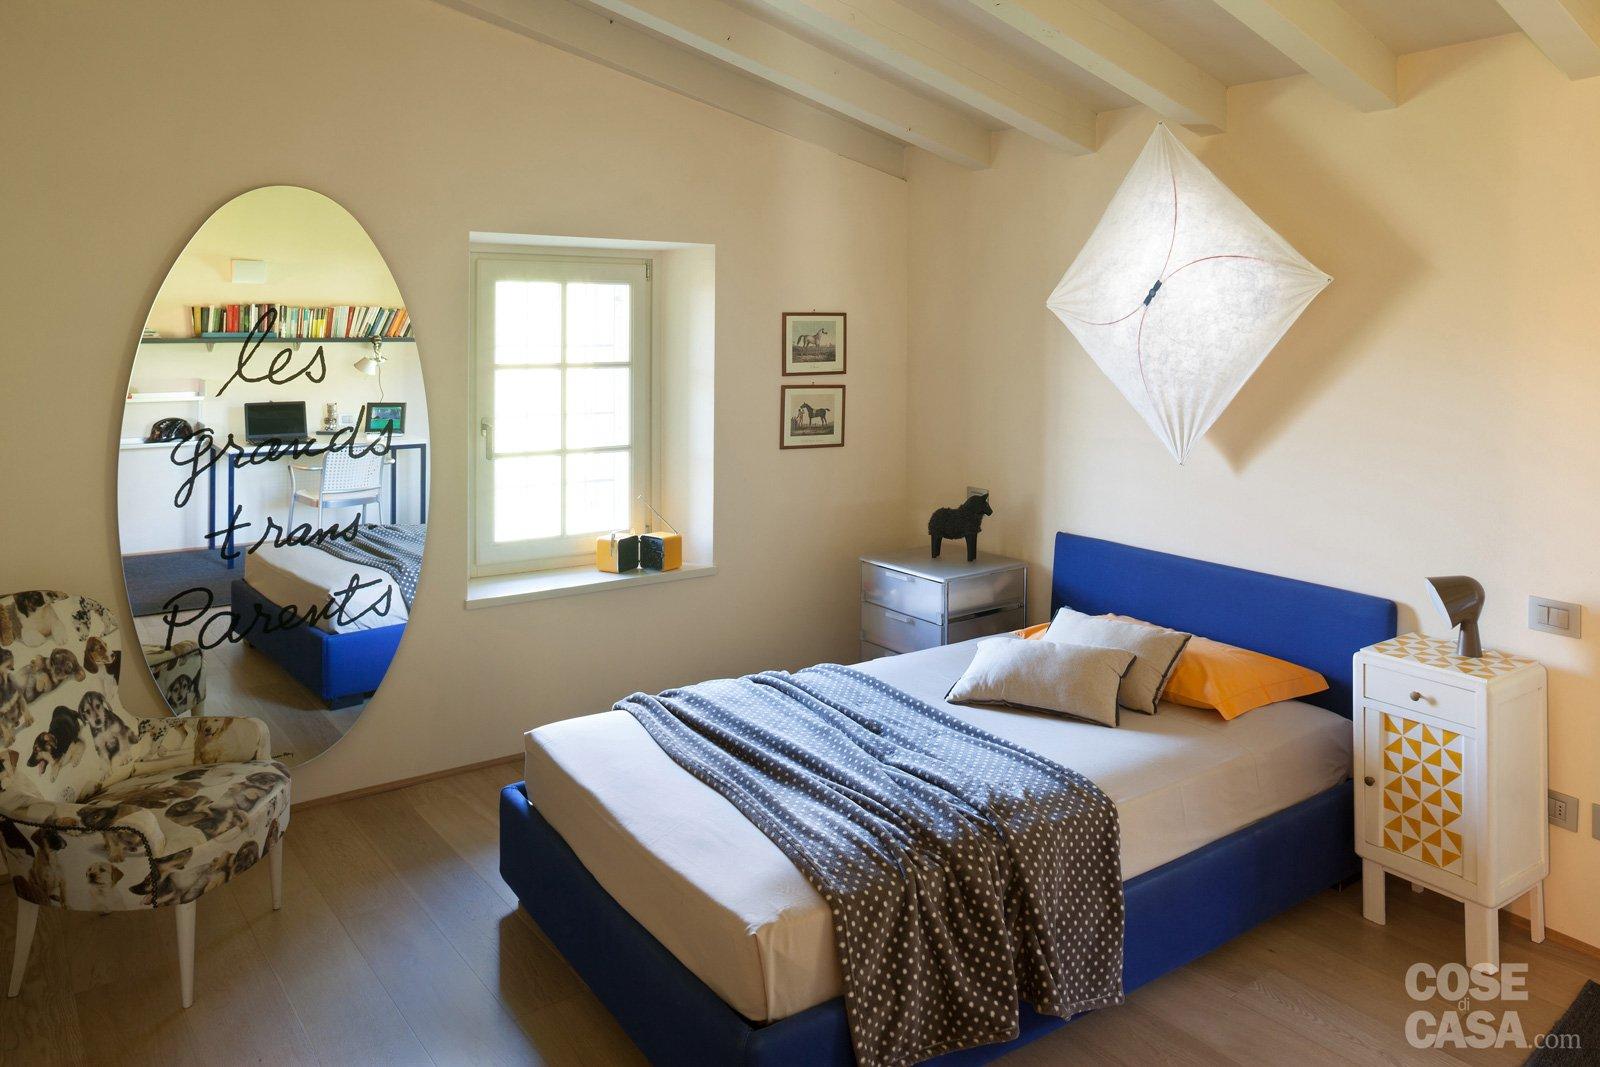 Una casa con ambienti moderni a sfondo rustico cose di casa for Piani di casa artigiano di un livello